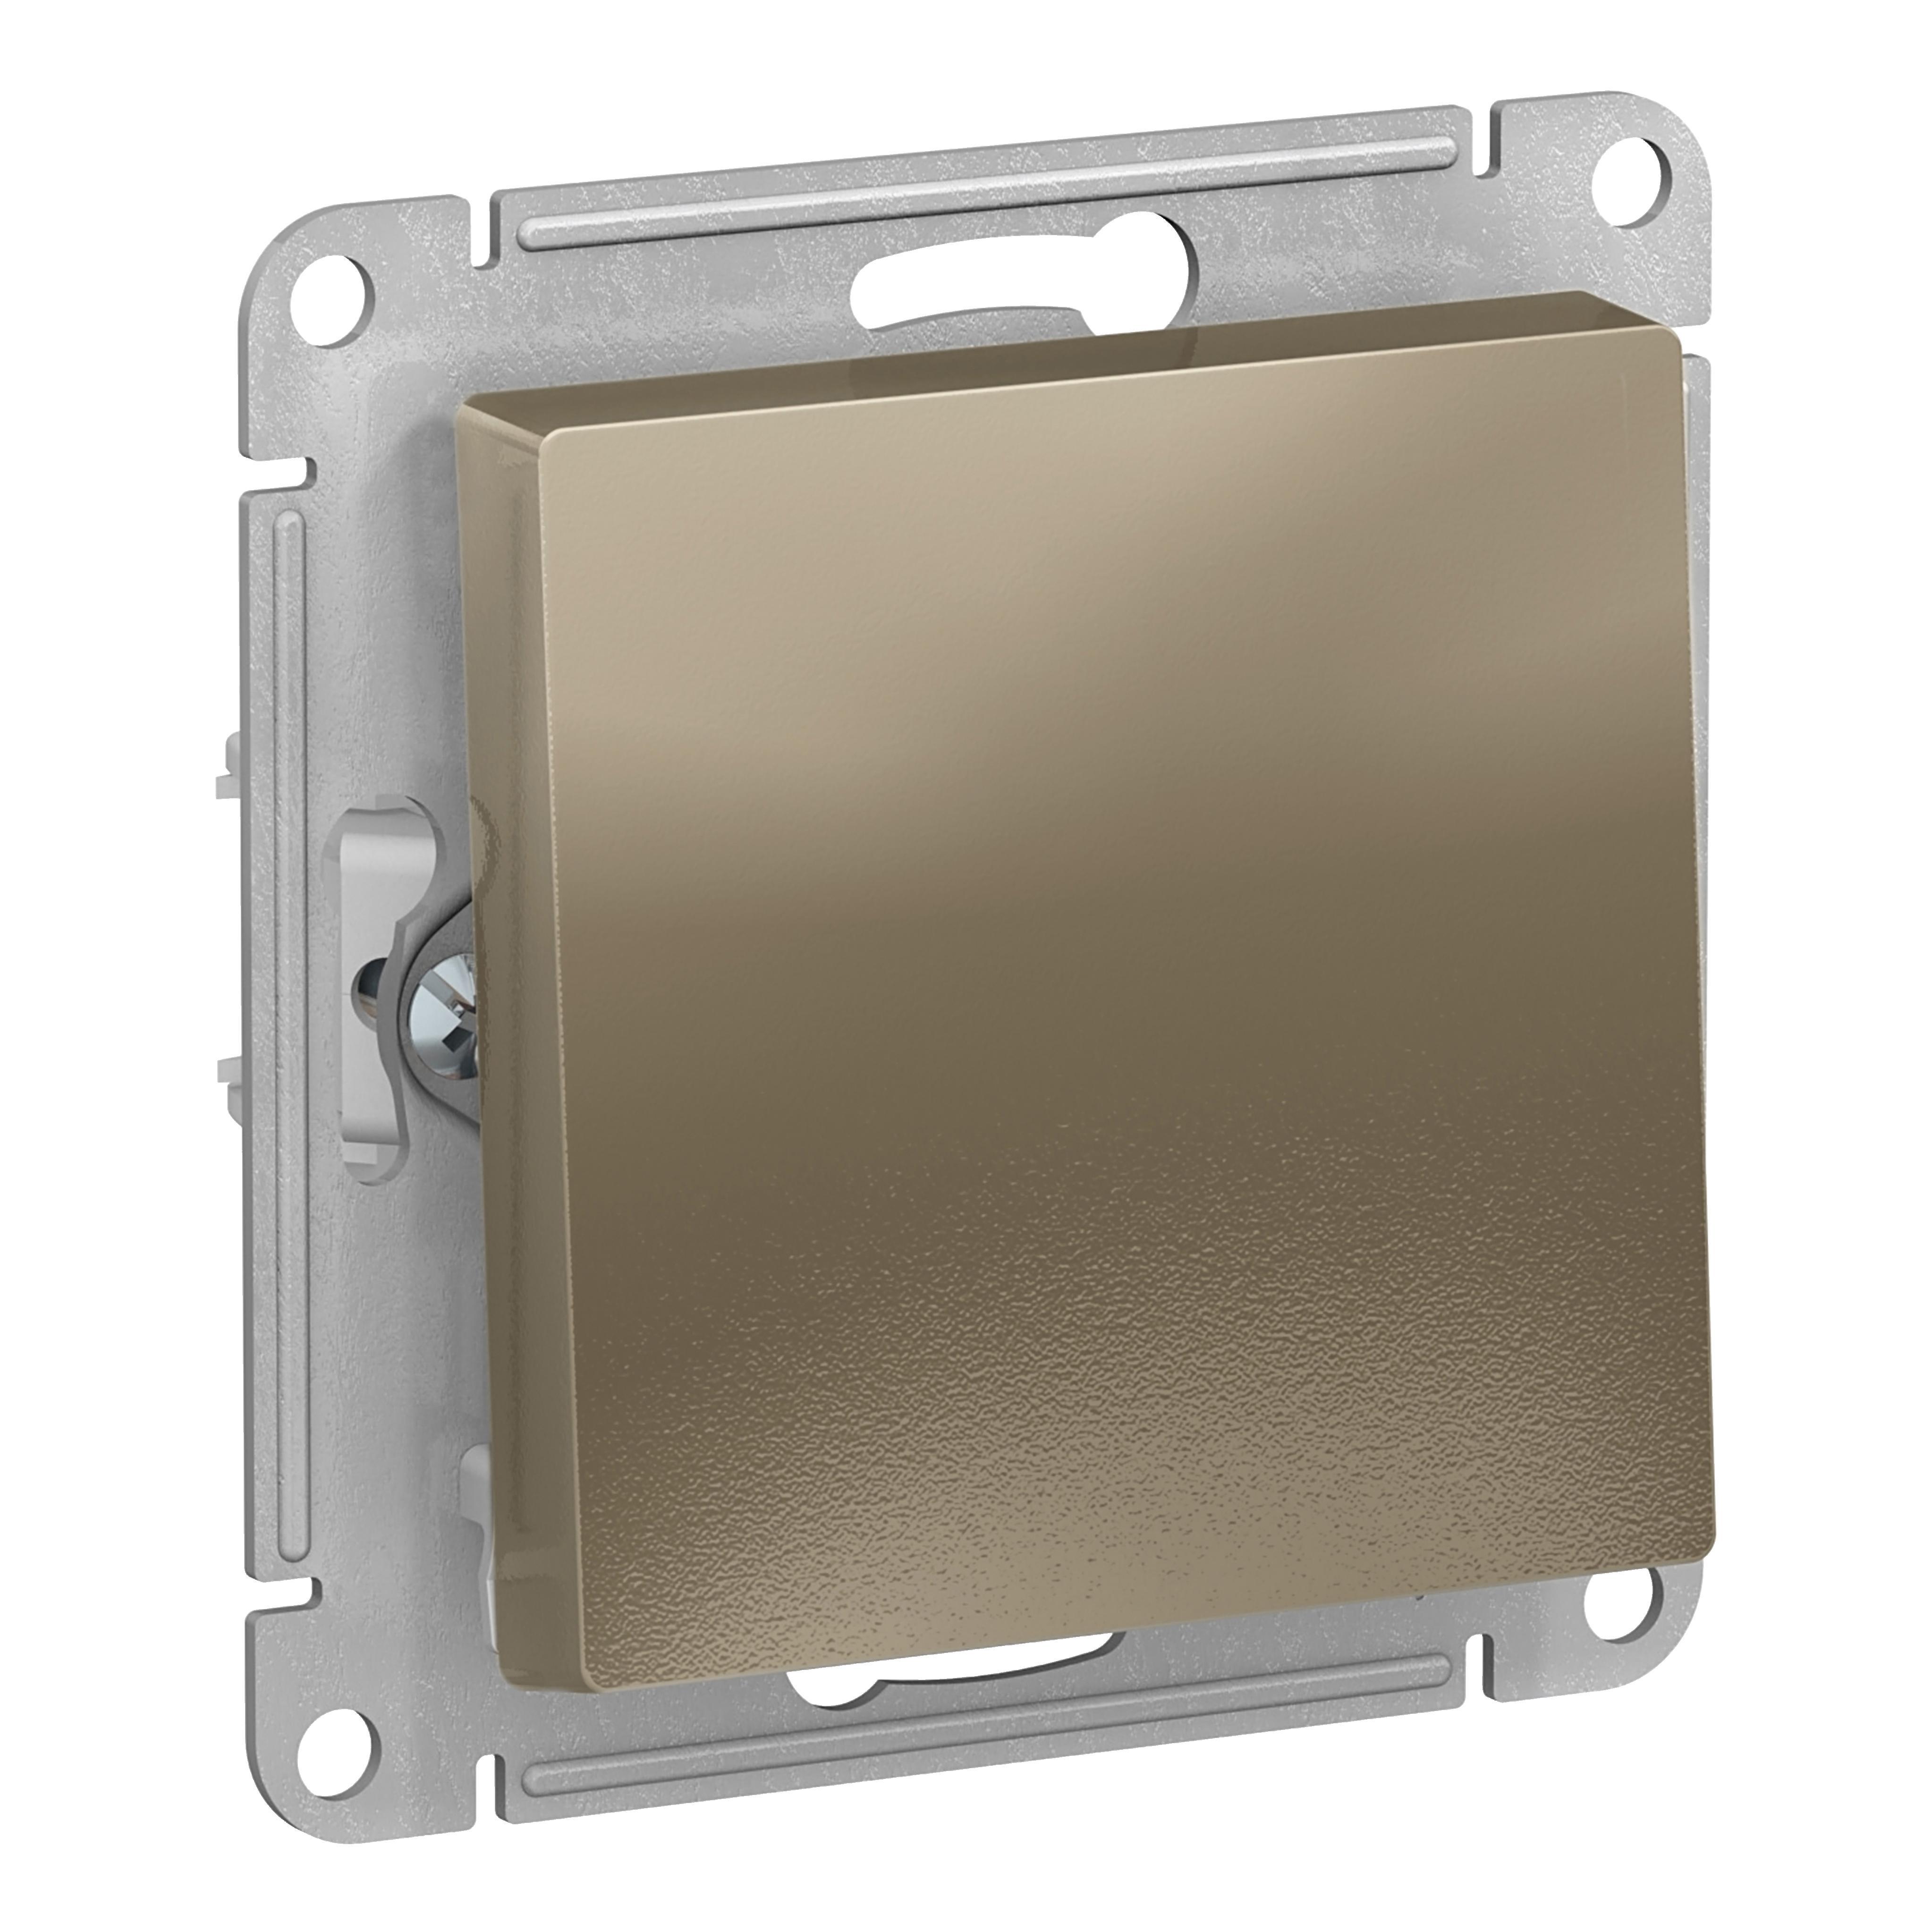 Механизм выключателя Schneider electric Atn000511